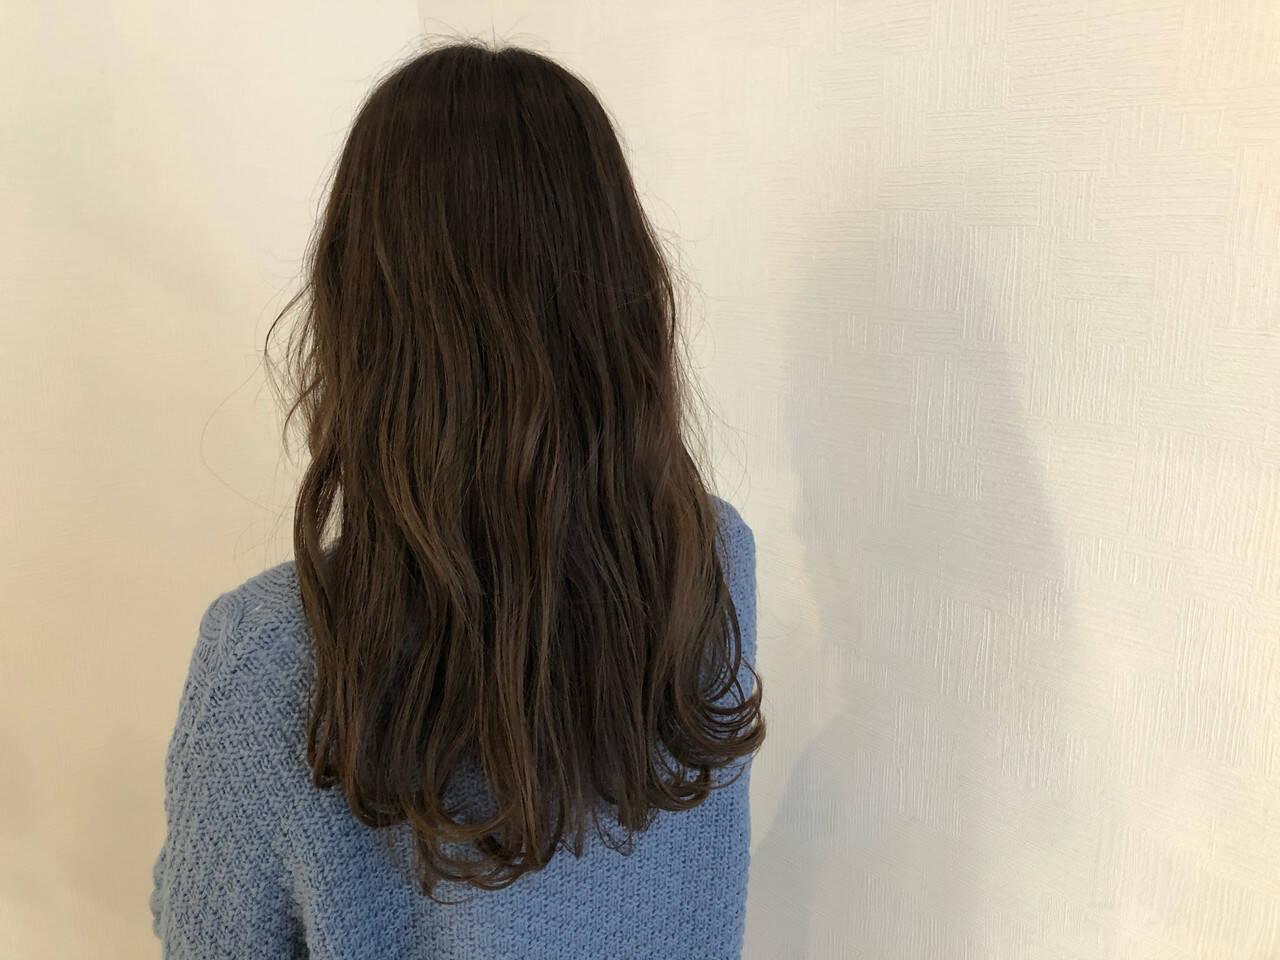 シアーベージュ オリーブベージュ オリーブアッシュ ヘアアレンジヘアスタイルや髪型の写真・画像